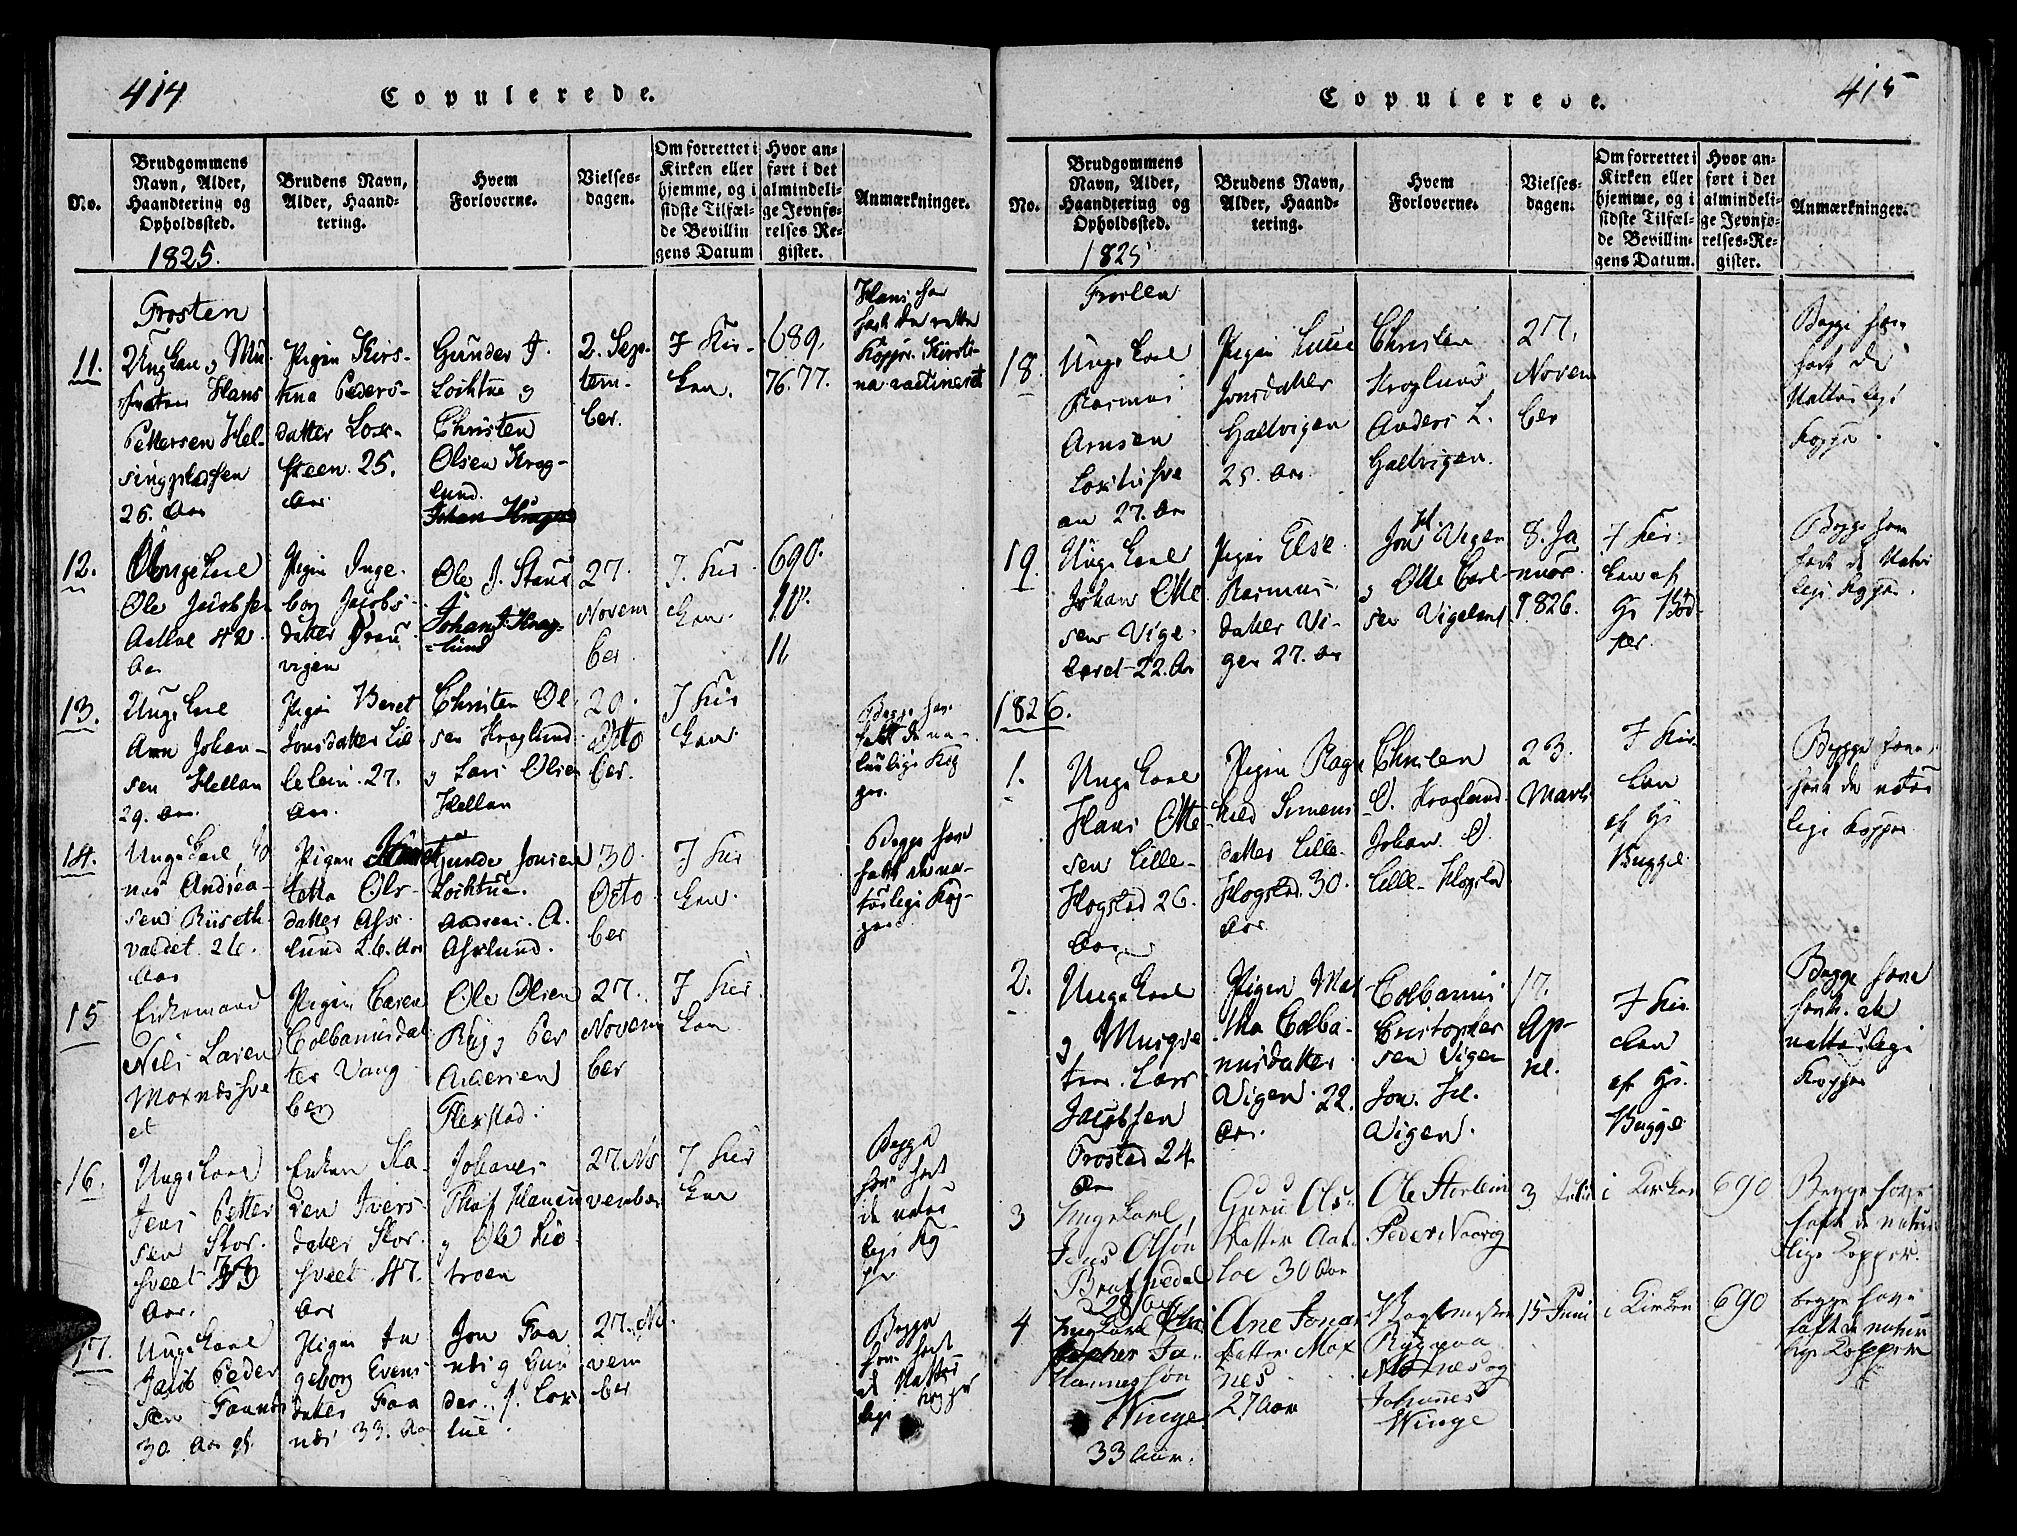 SAT, Ministerialprotokoller, klokkerbøker og fødselsregistre - Nord-Trøndelag, 713/L0112: Ministerialbok nr. 713A04 /1, 1817-1827, s. 414-415